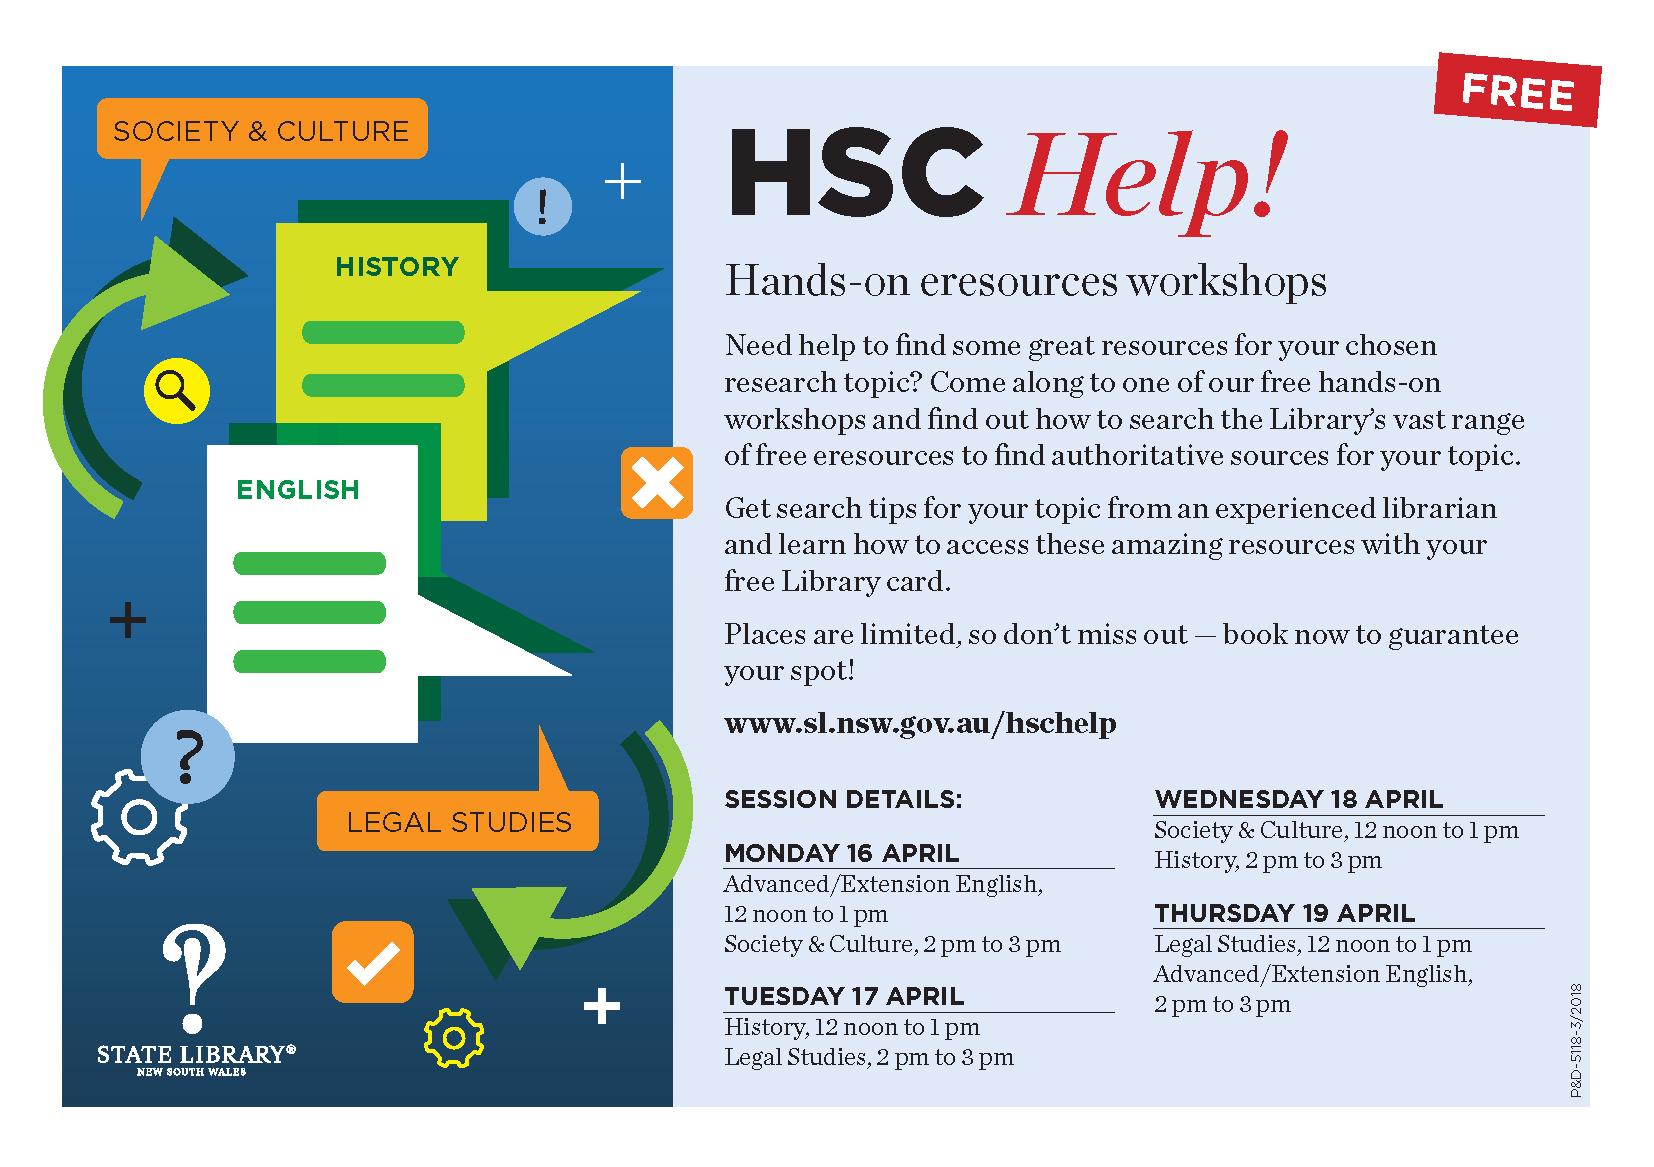 HSC Help banner